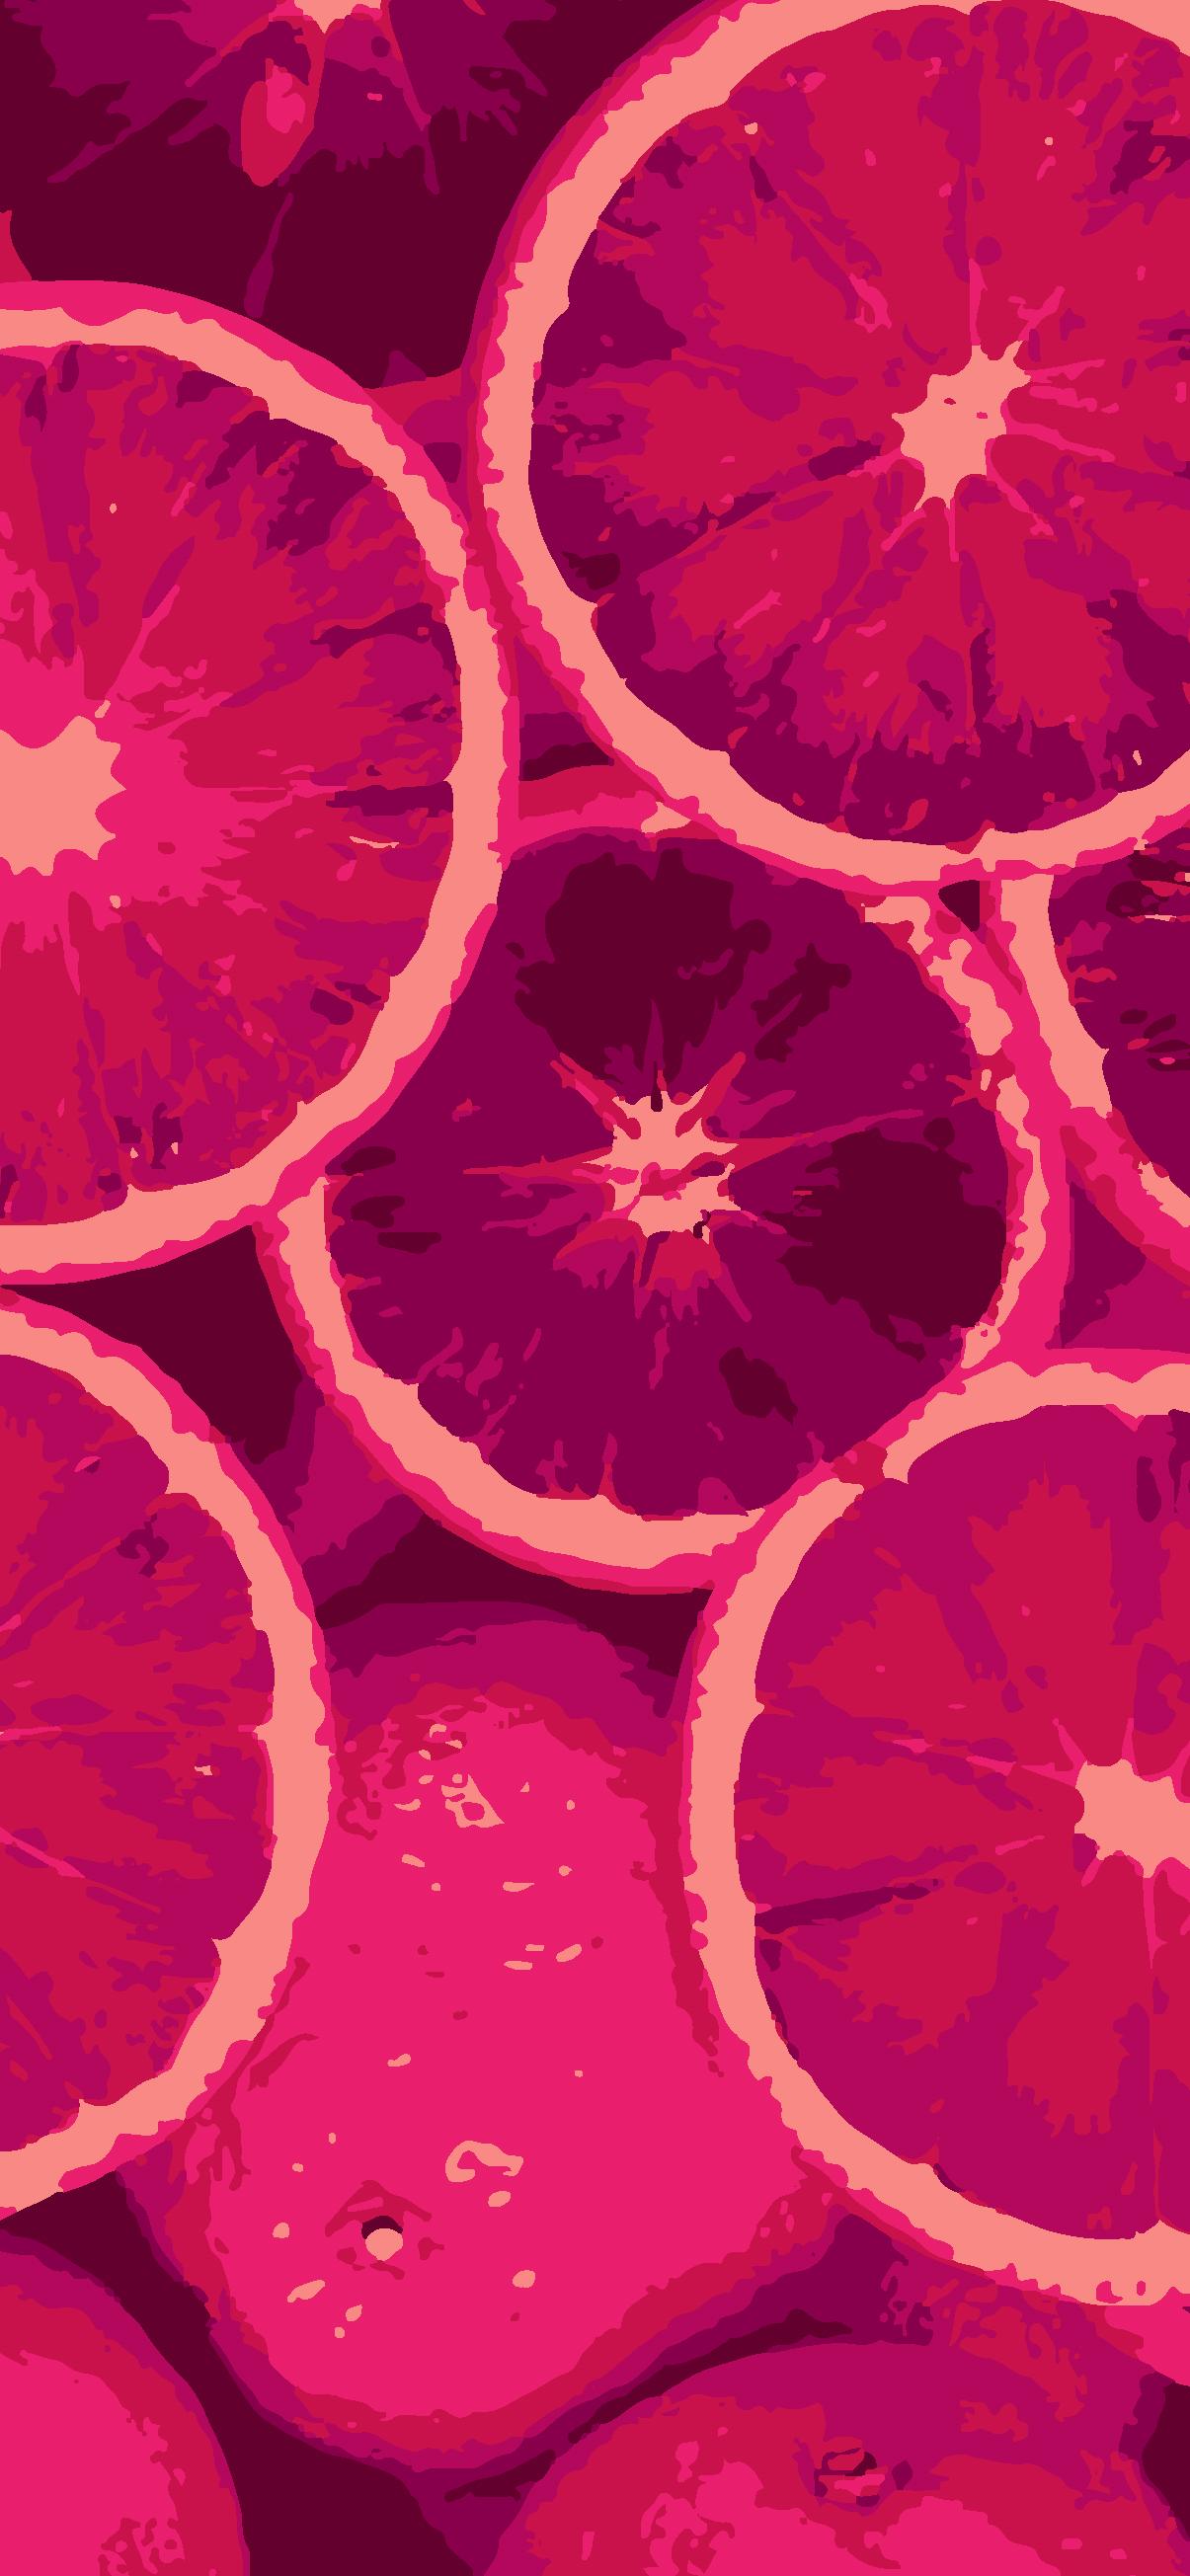 oranges aesthetic